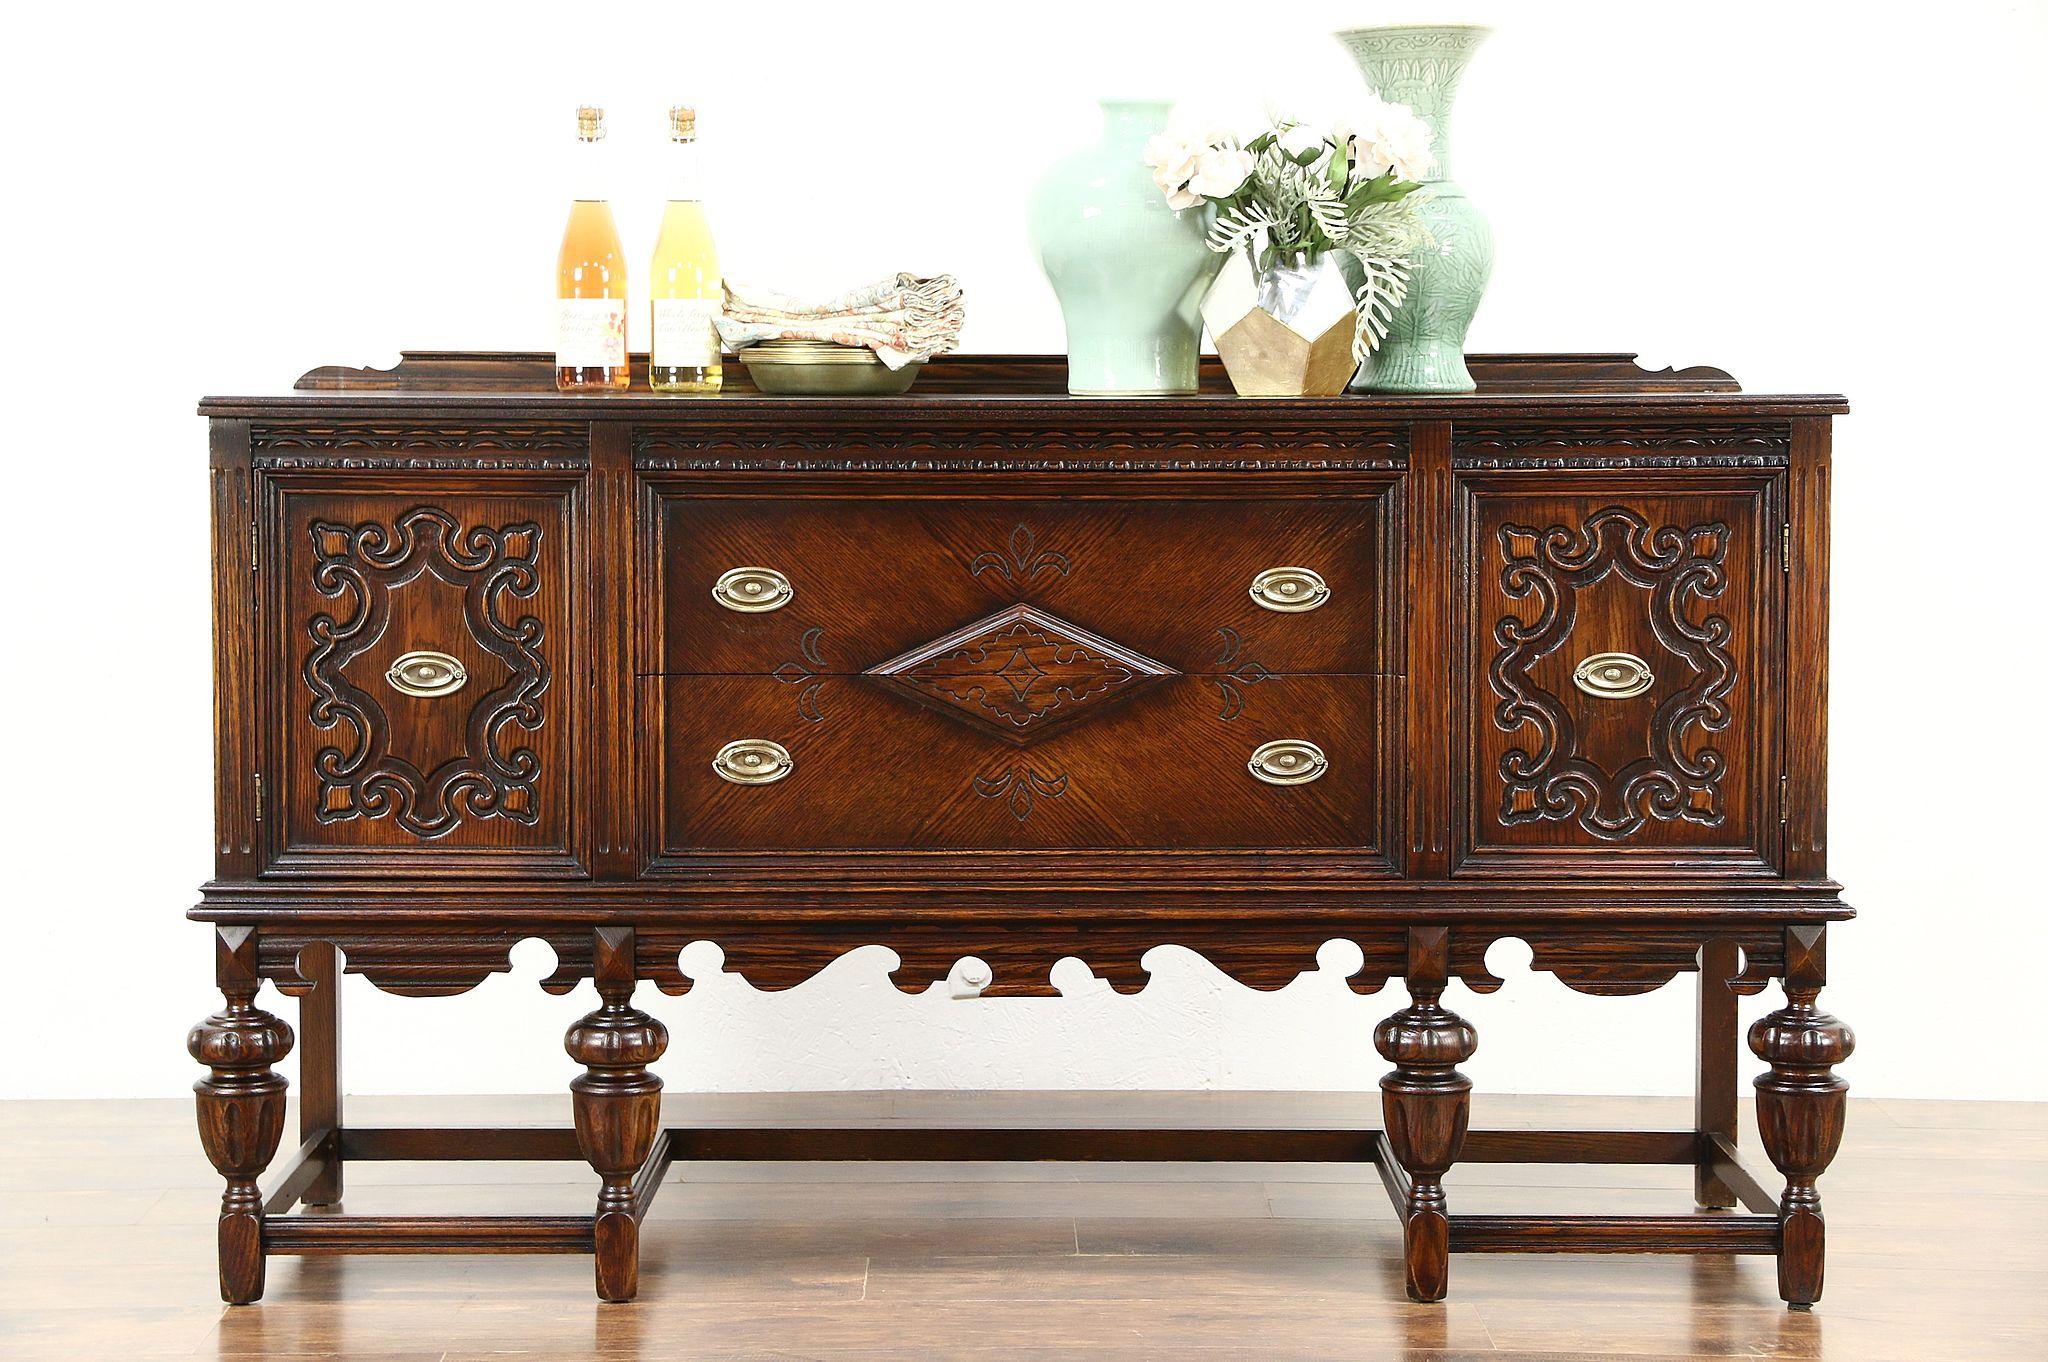 Kitchen Furnitures List English Tudor 1920 Antique Carved Oak Sideboard Server Or